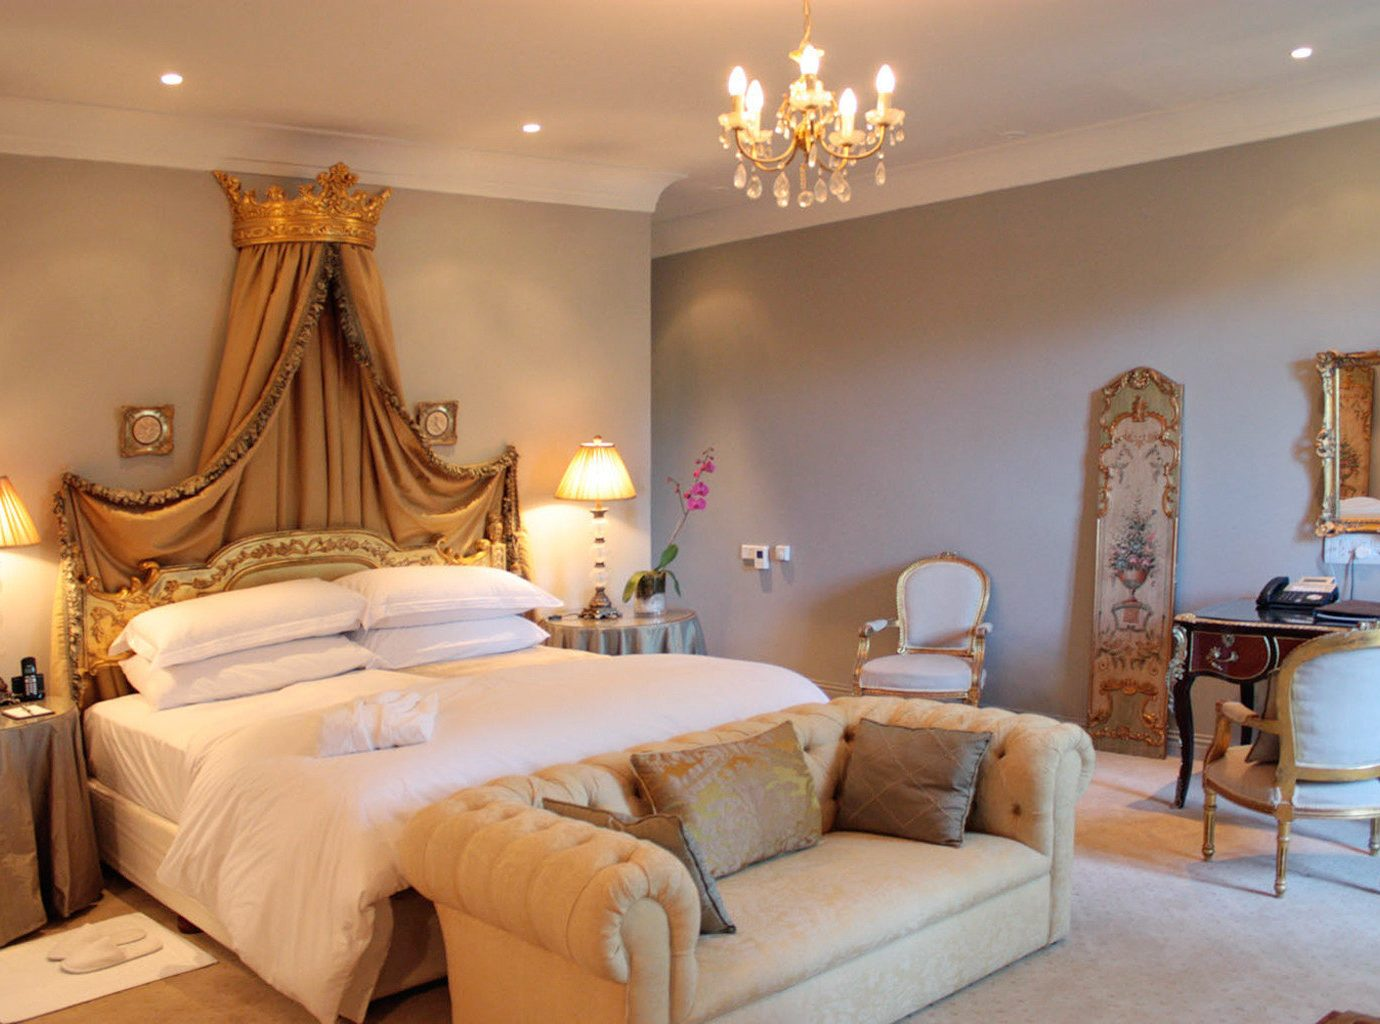 property living room Bedroom home Suite cottage bed sheet